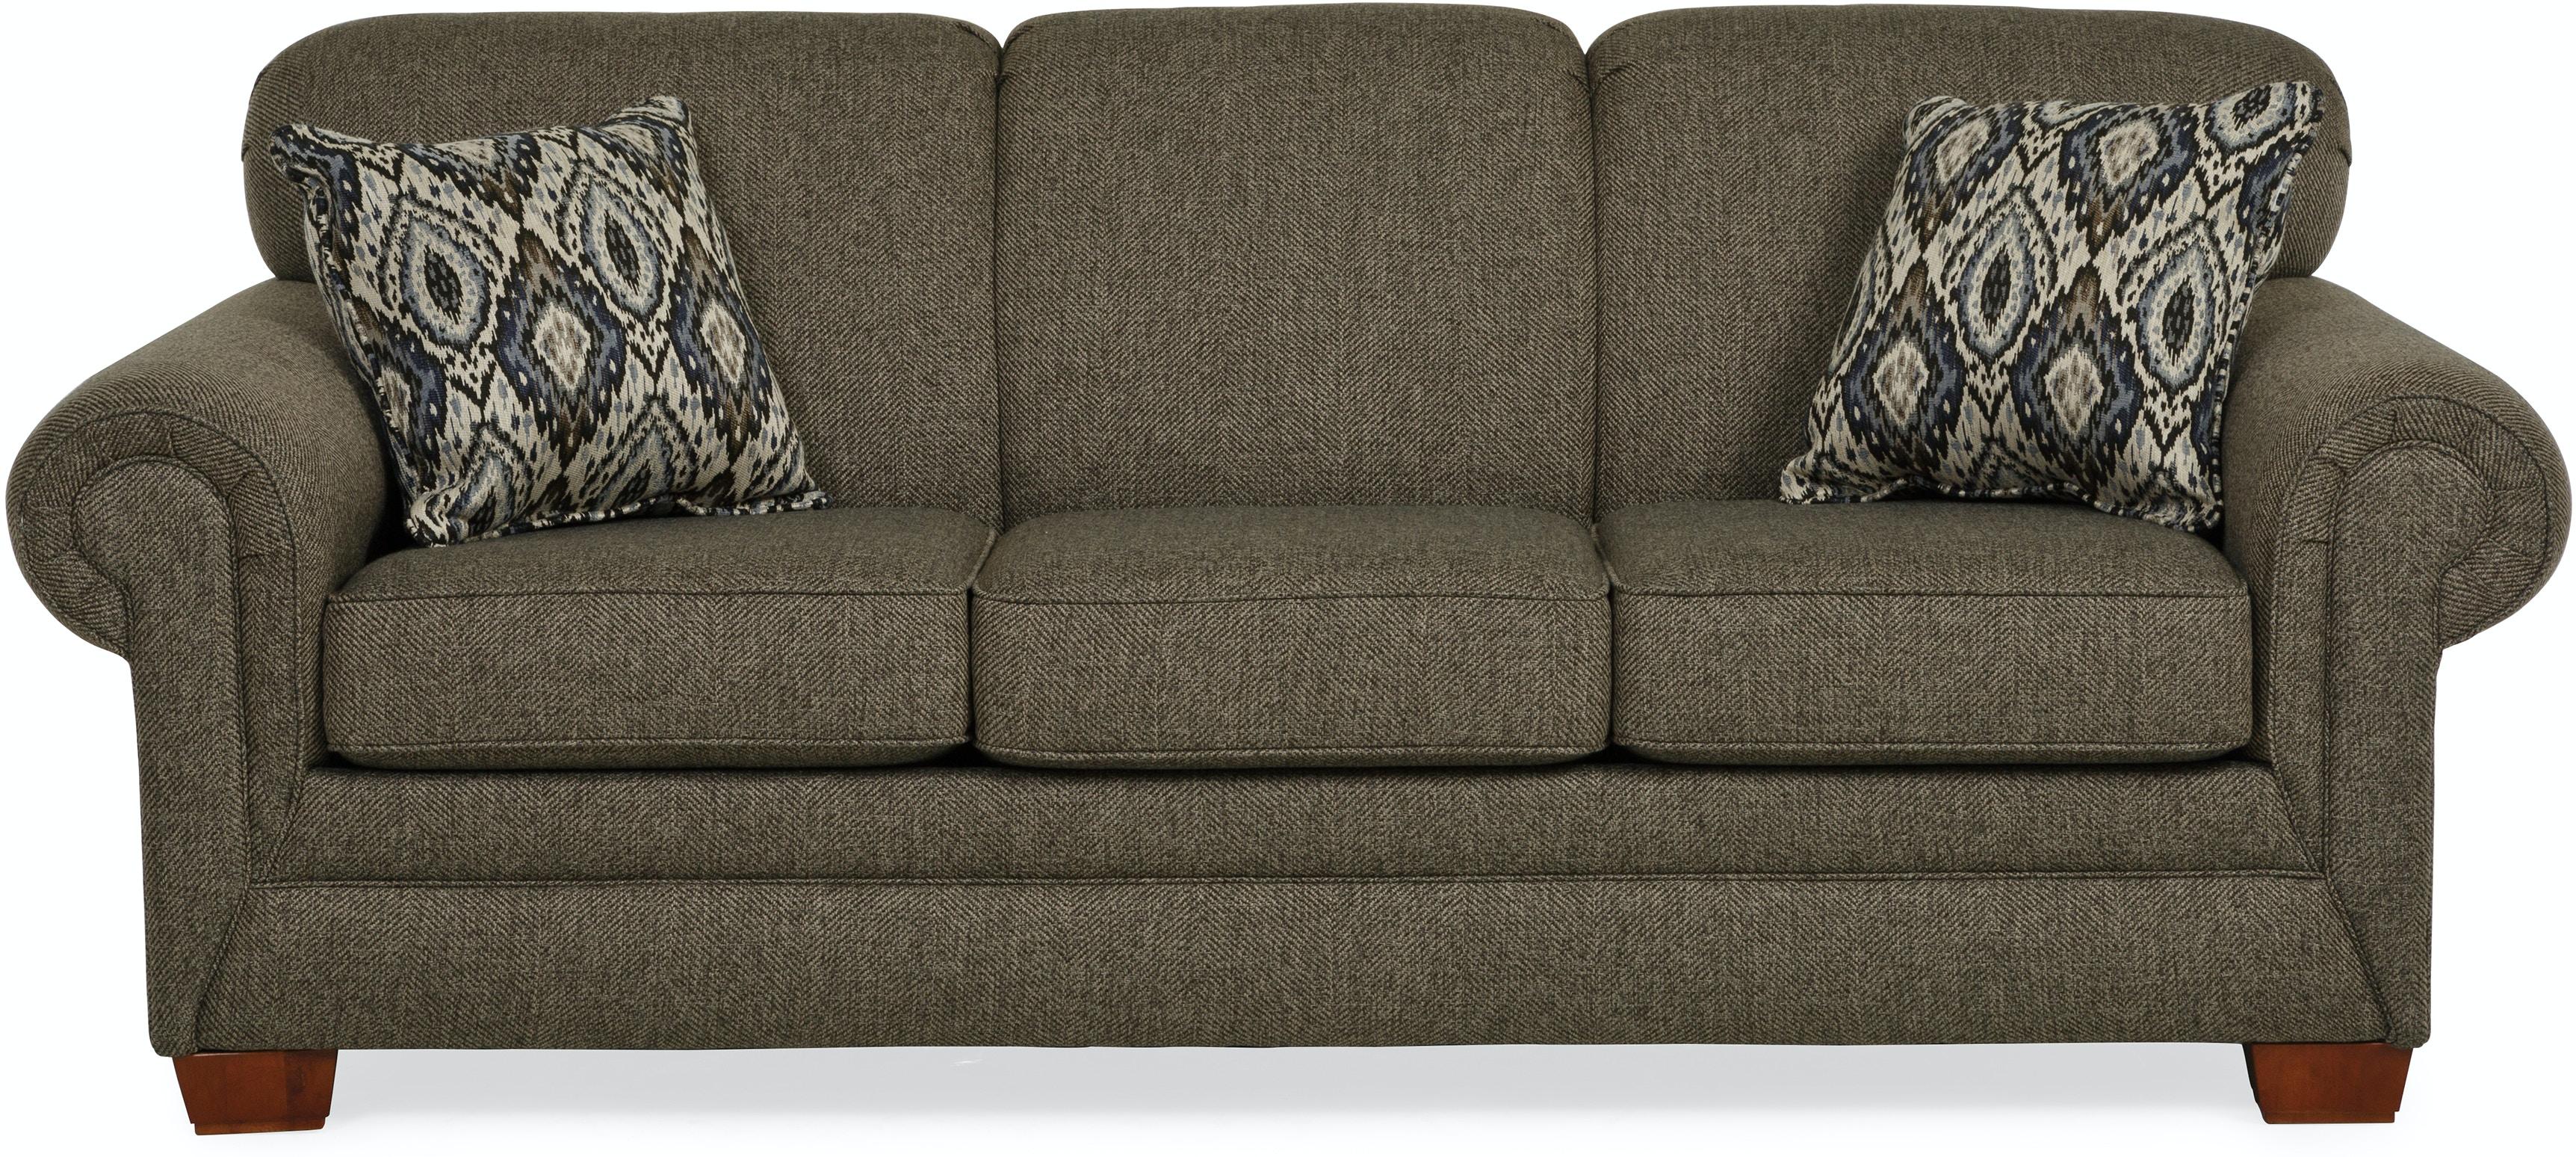 Texas Sofa Bed Texas 2017 Sofa Bed Empire Furniture Usa